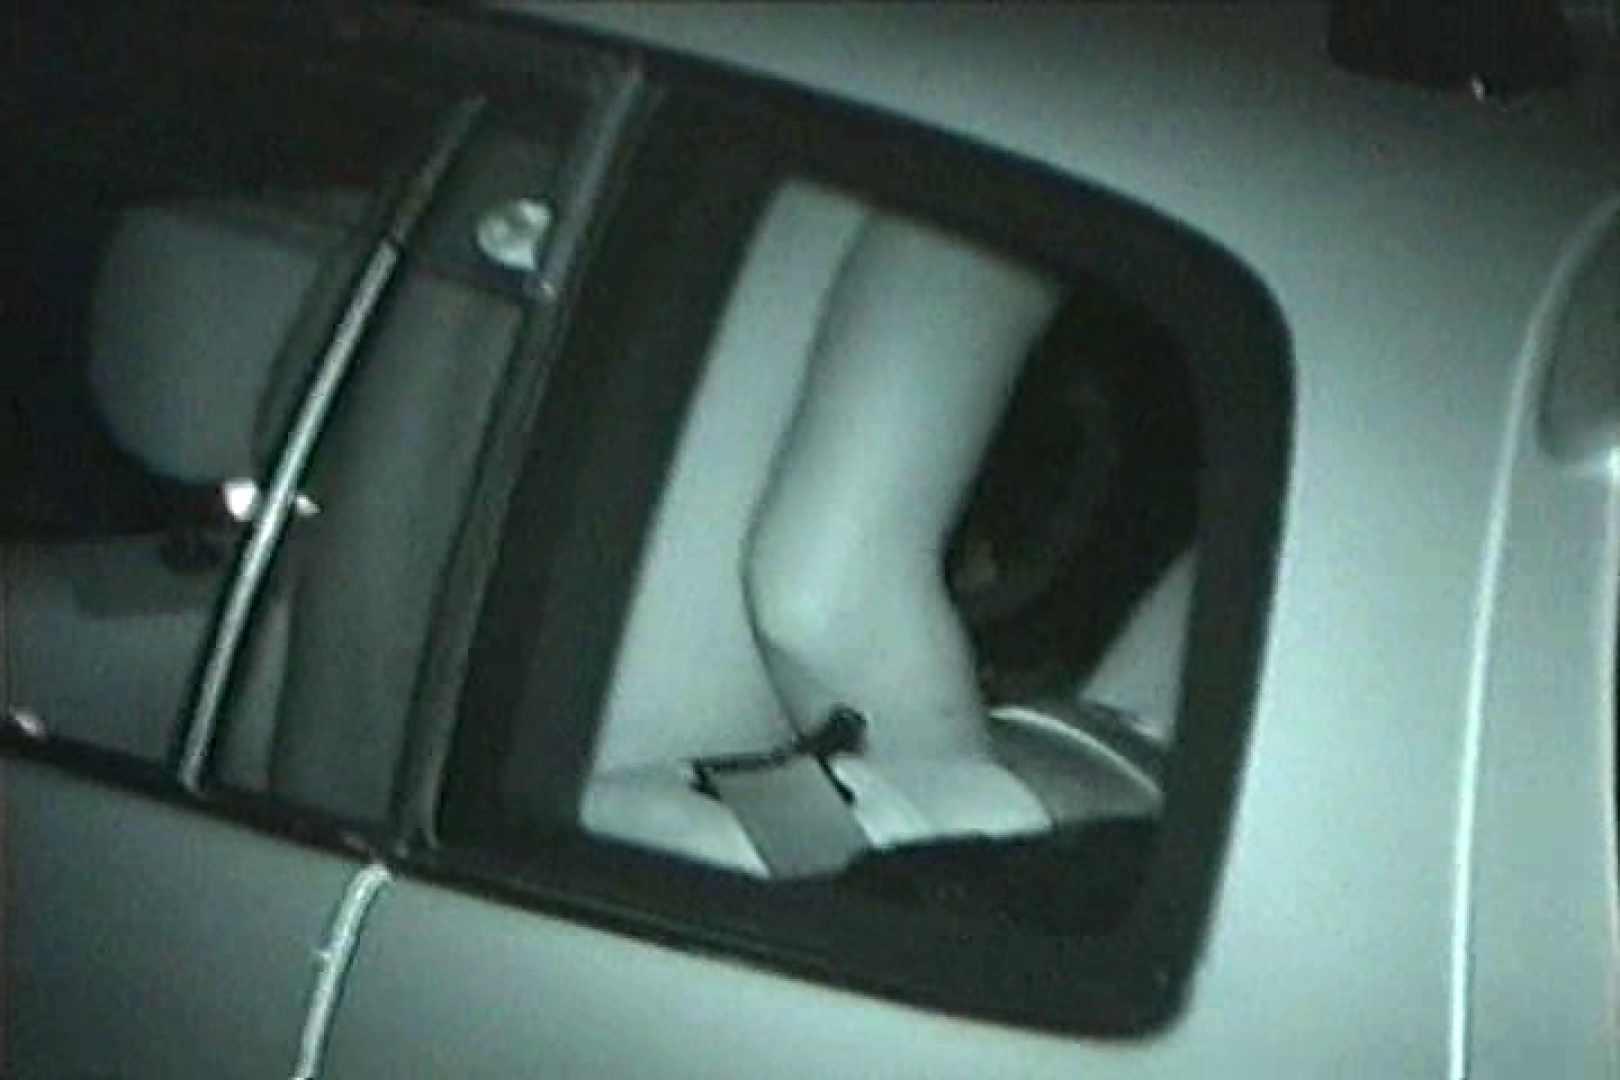 車の中はラブホテル 無修正版  Vol.24 OLセックス | カップル  48画像 9